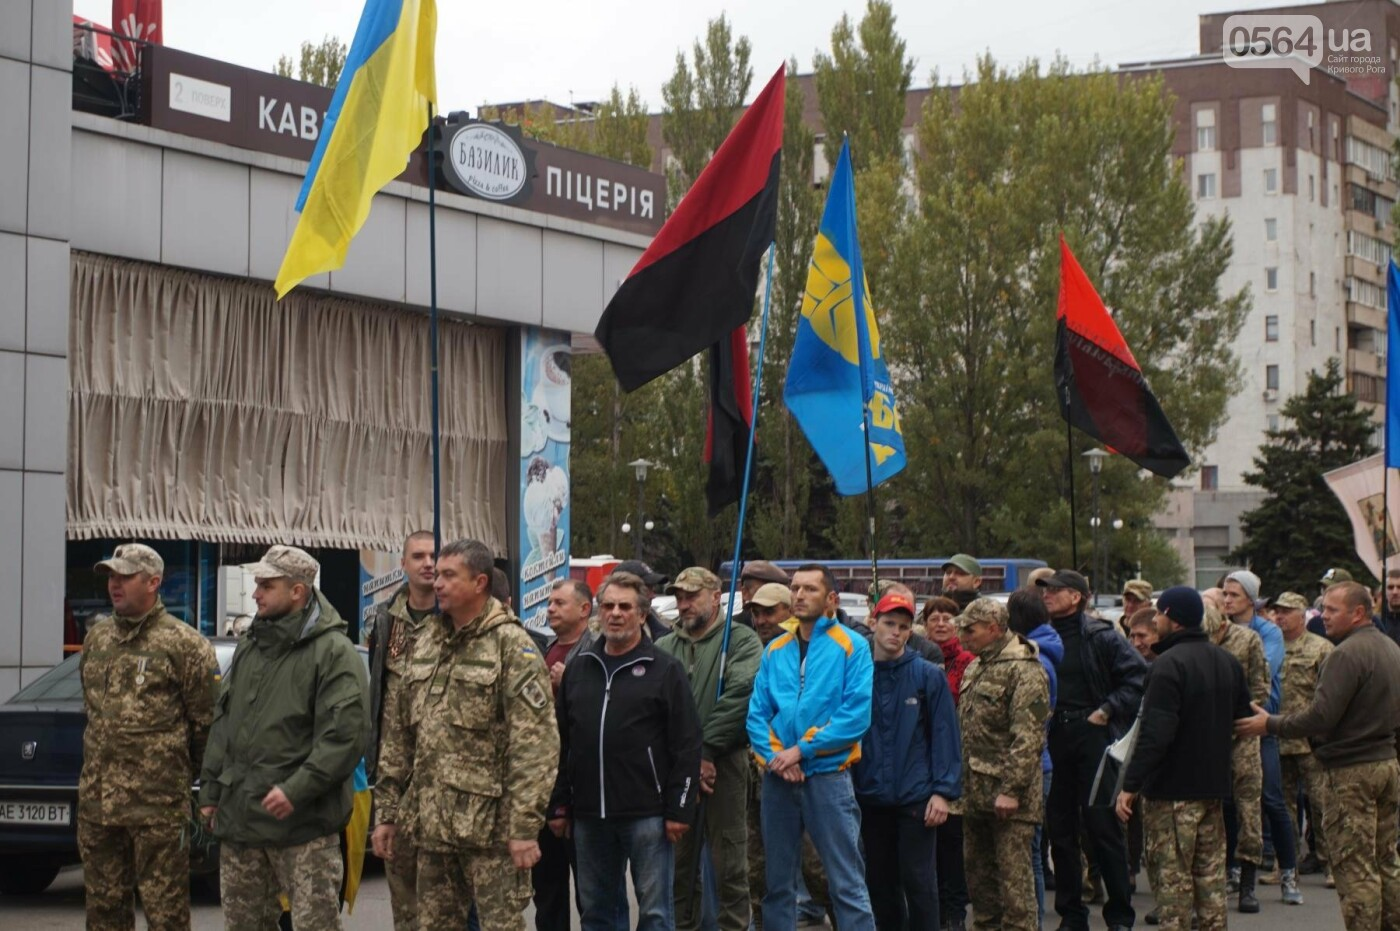 В Кривом Роге состоялся Марш Защитников Украины (ФОТО, ВИДЕО), фото-2